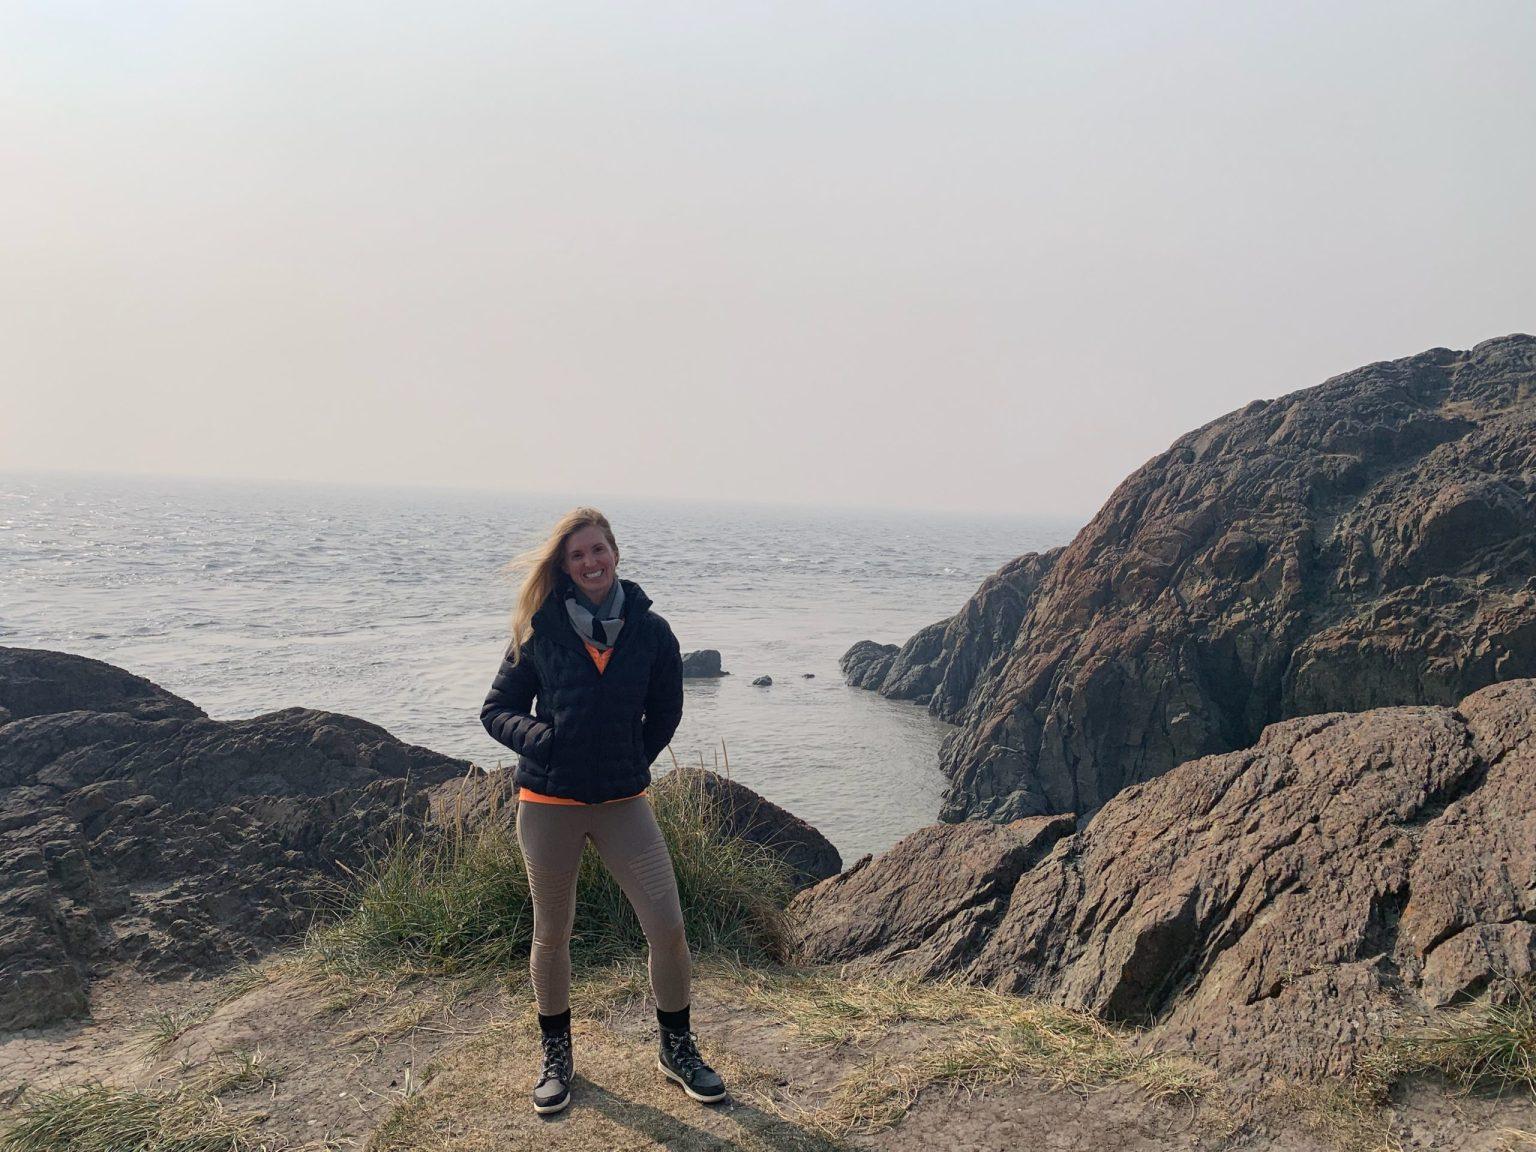 alaska, wildfire, forest fire, alaska views, ocean, nature, landscape, photography